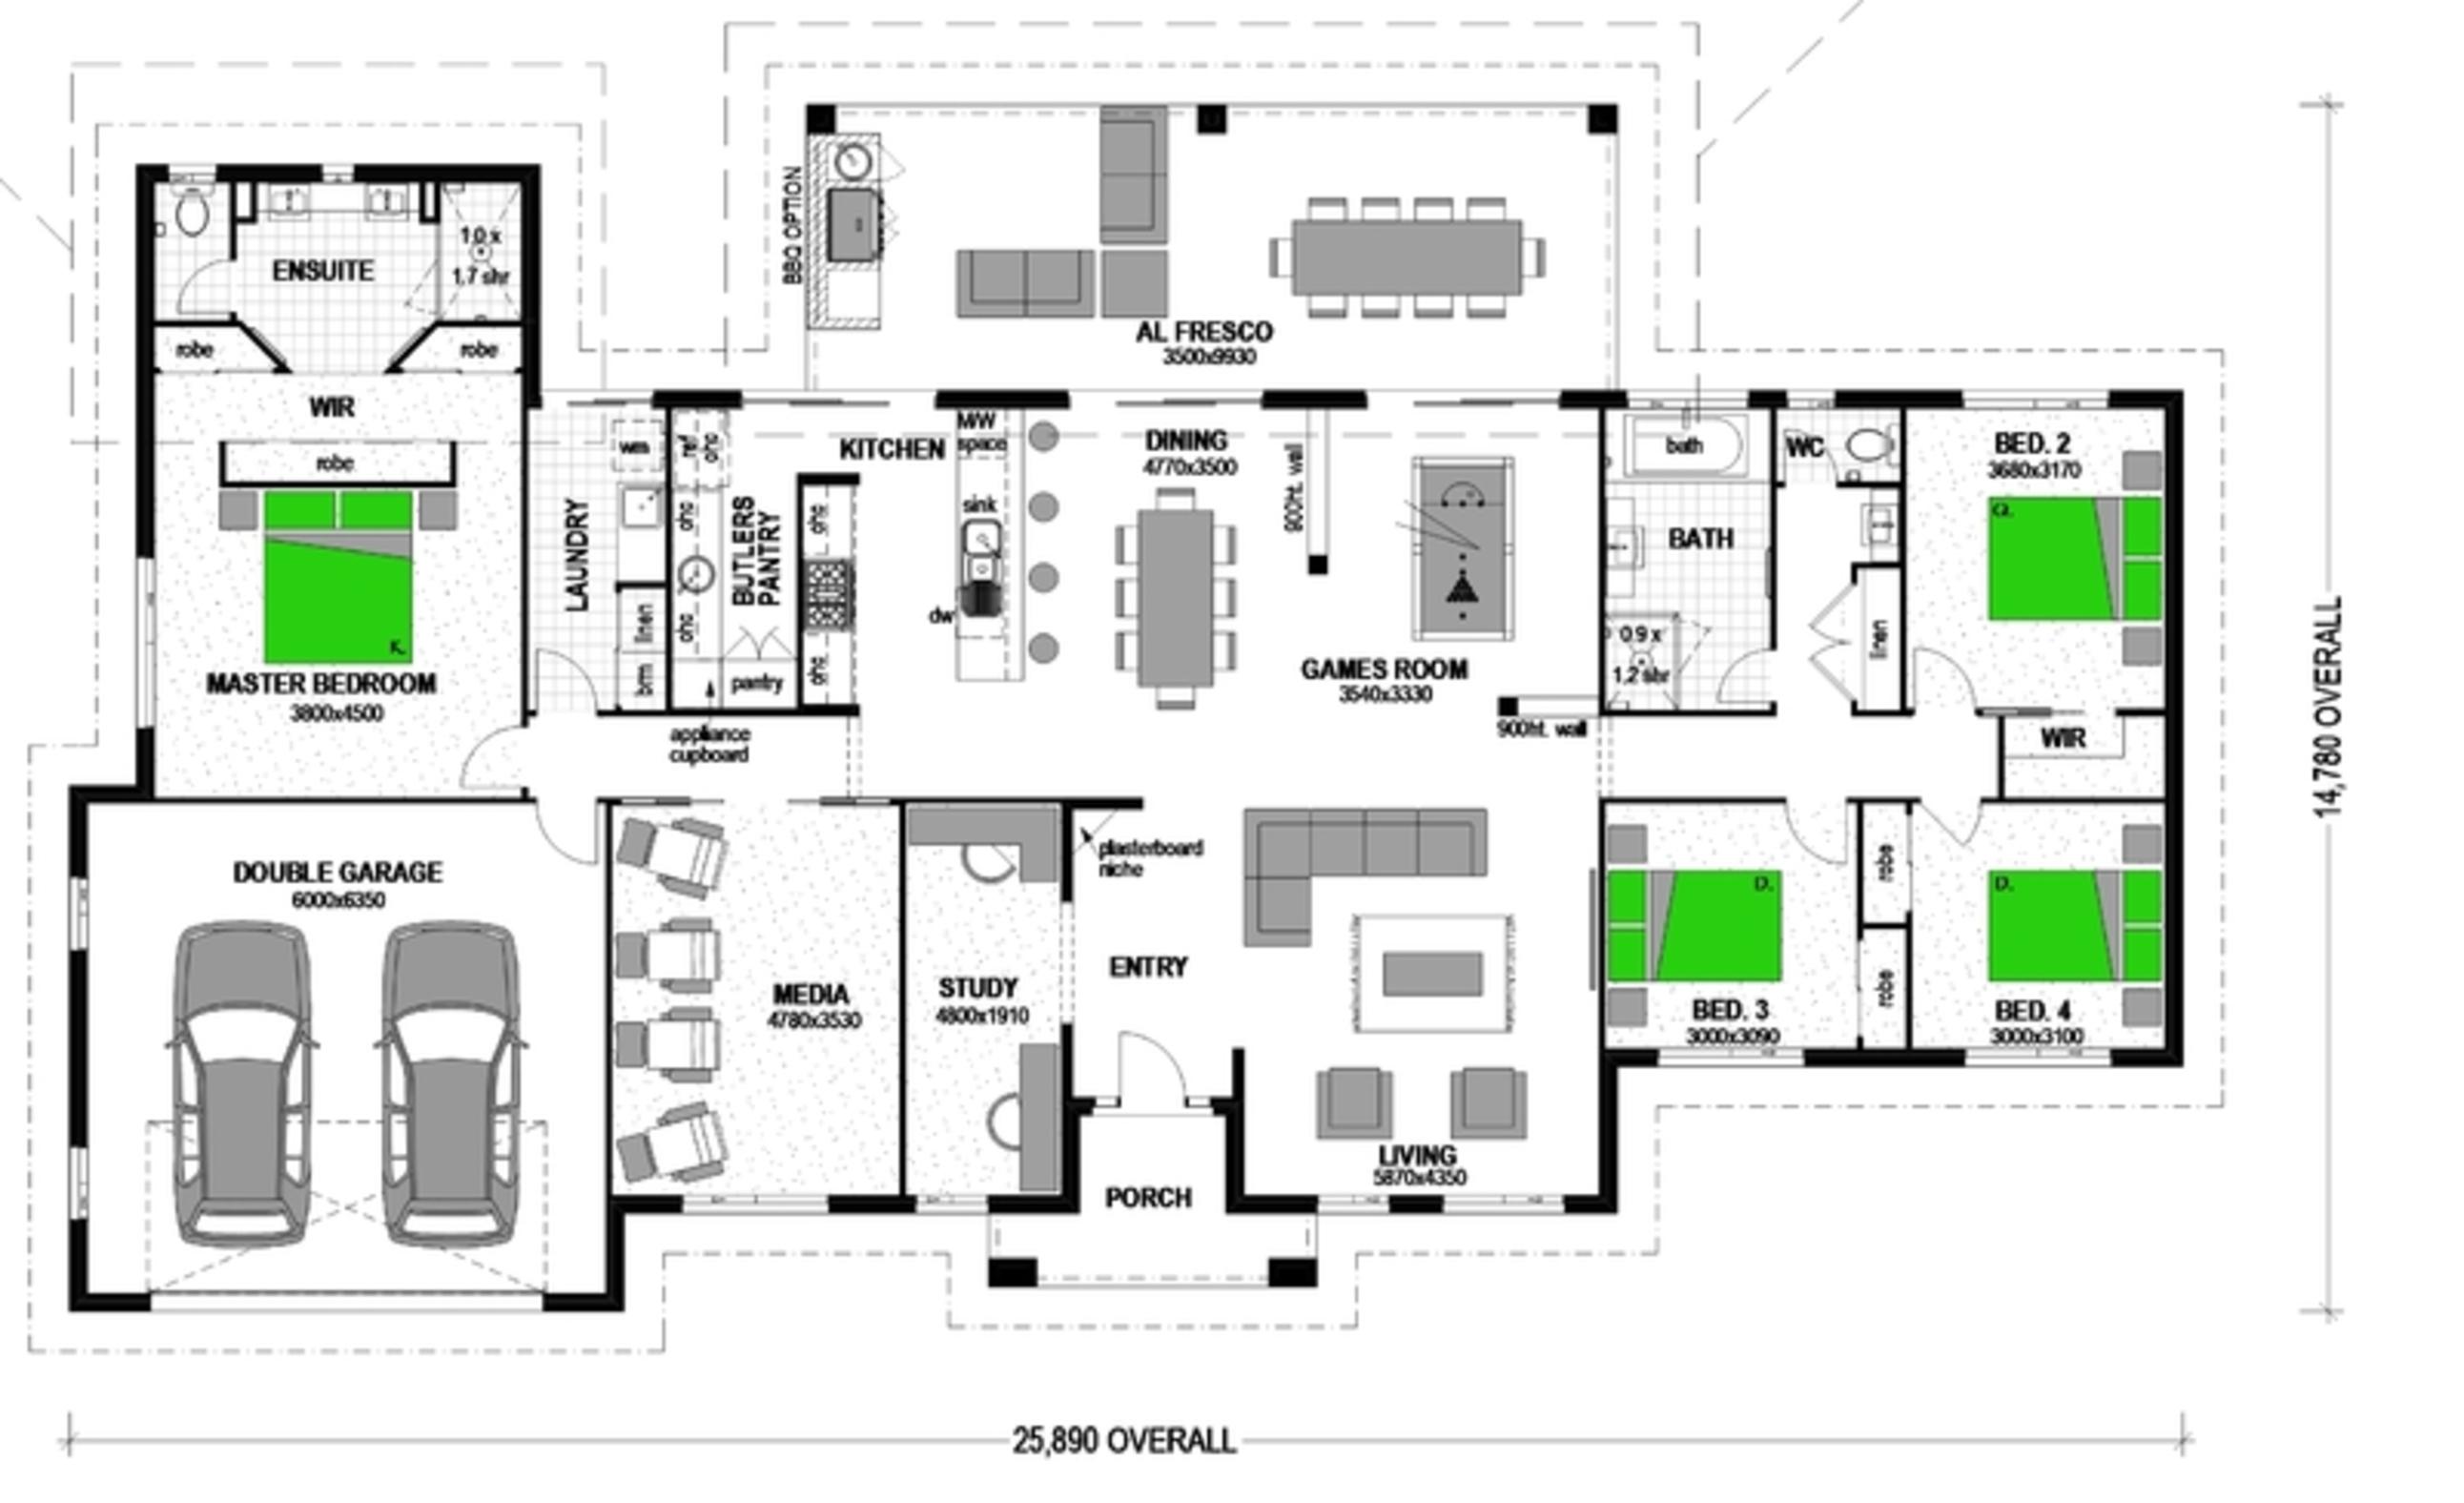 LOT 8 'HILLS OF HAIGSLEA' HAIGSLEA Floorplan